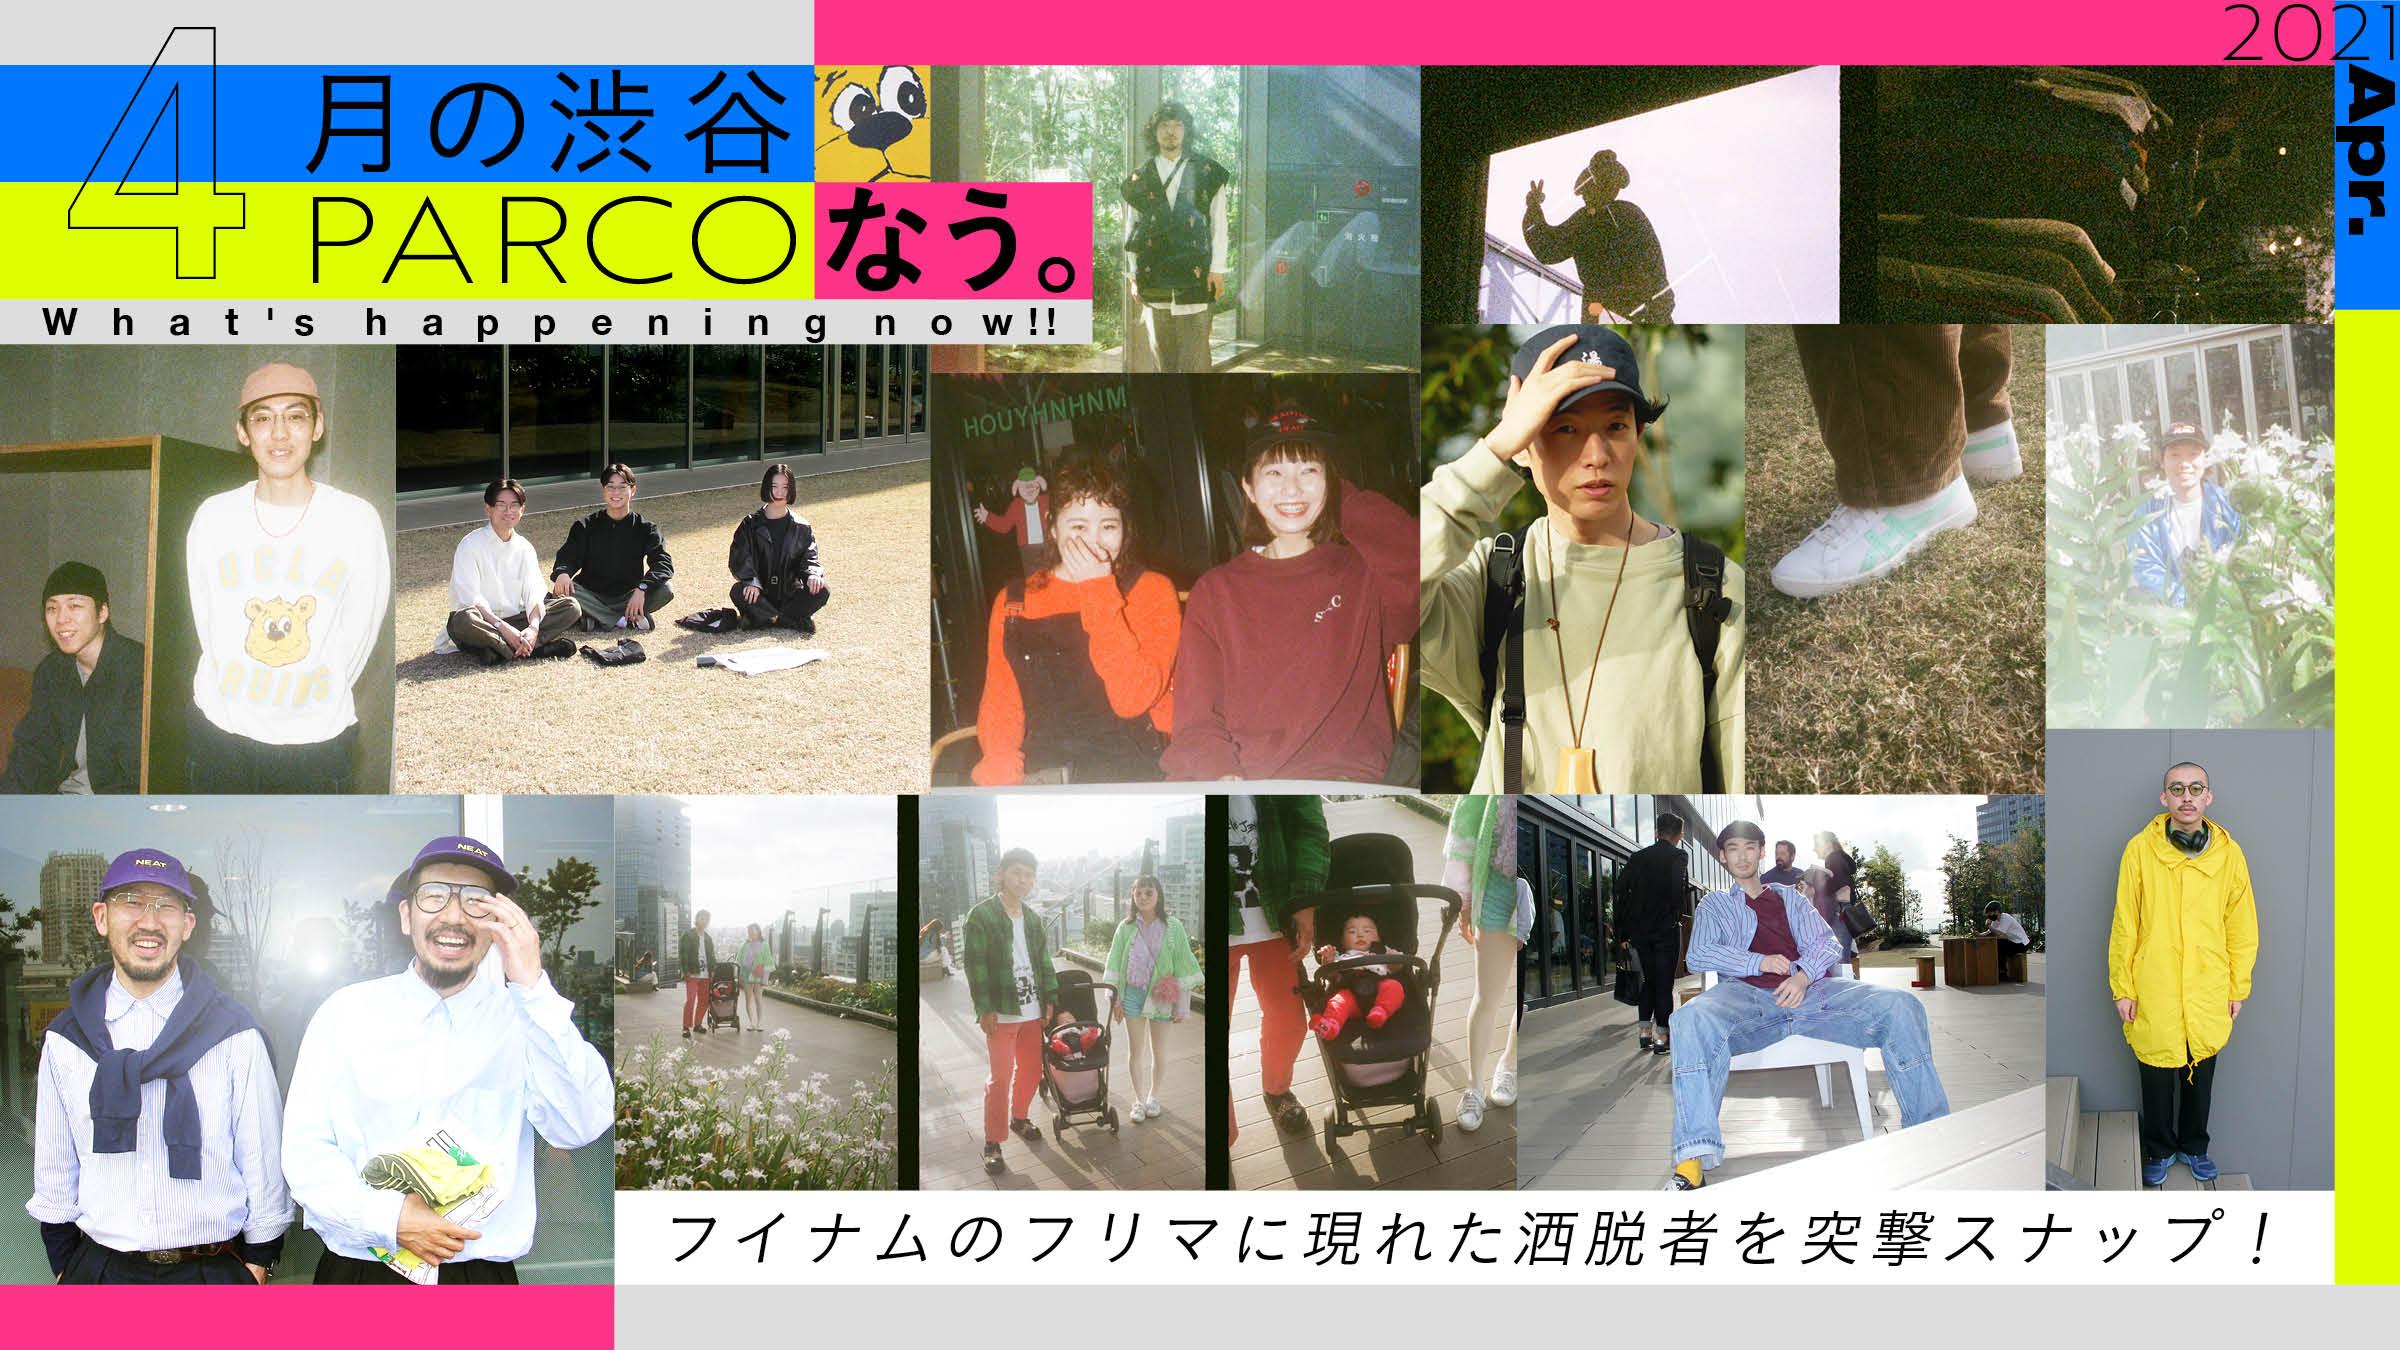 4月の渋谷PARCOなう。 フイナムのフリマに現れた洒脱者を突撃スナップ!